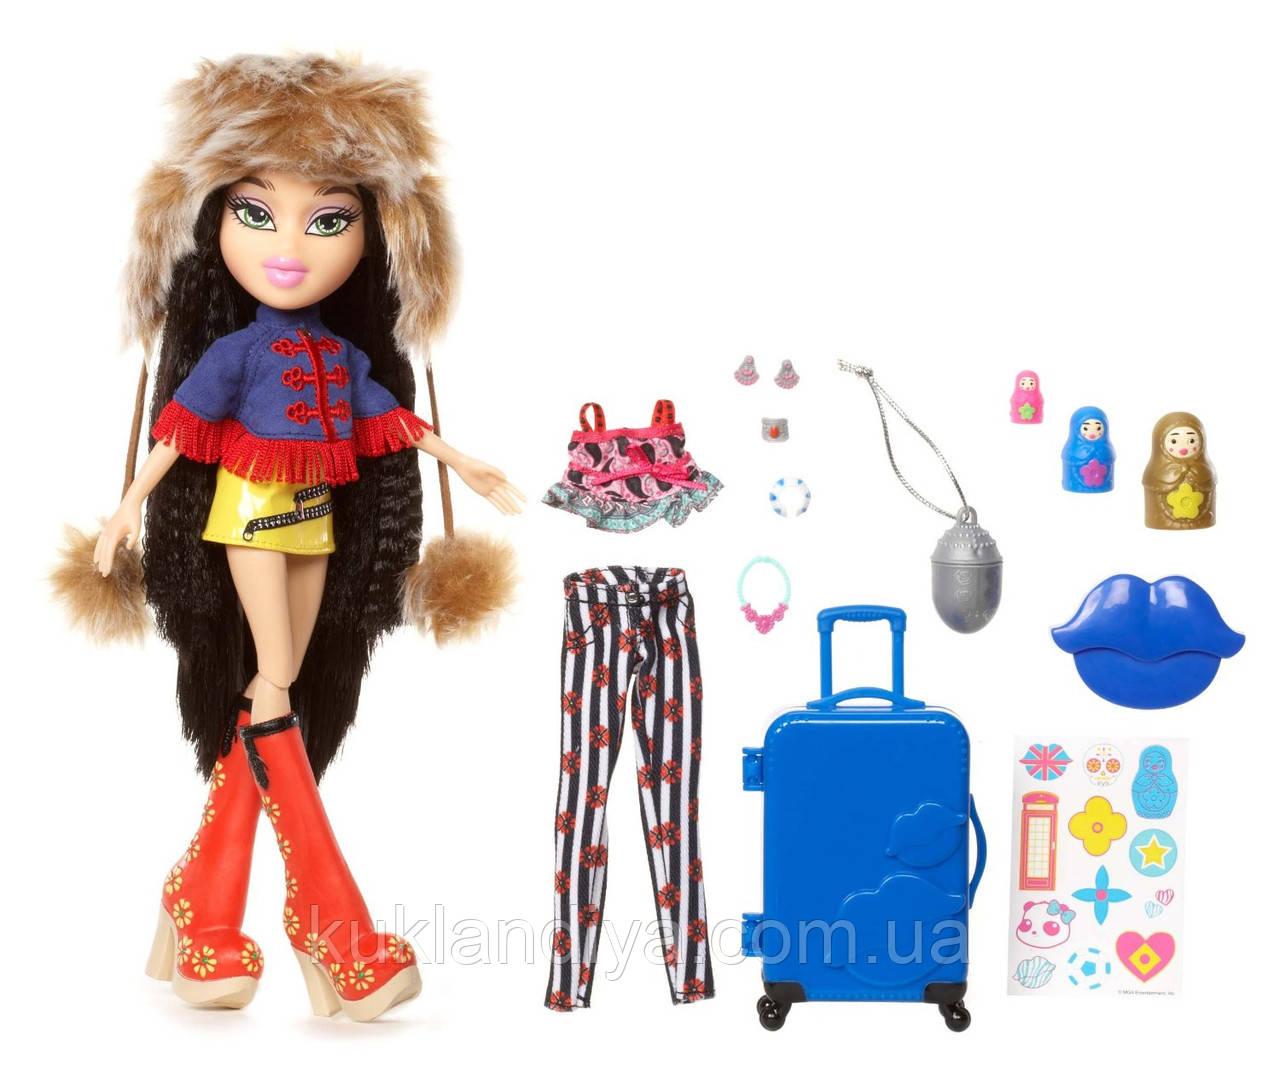 Кукла Bratz Jade Russia